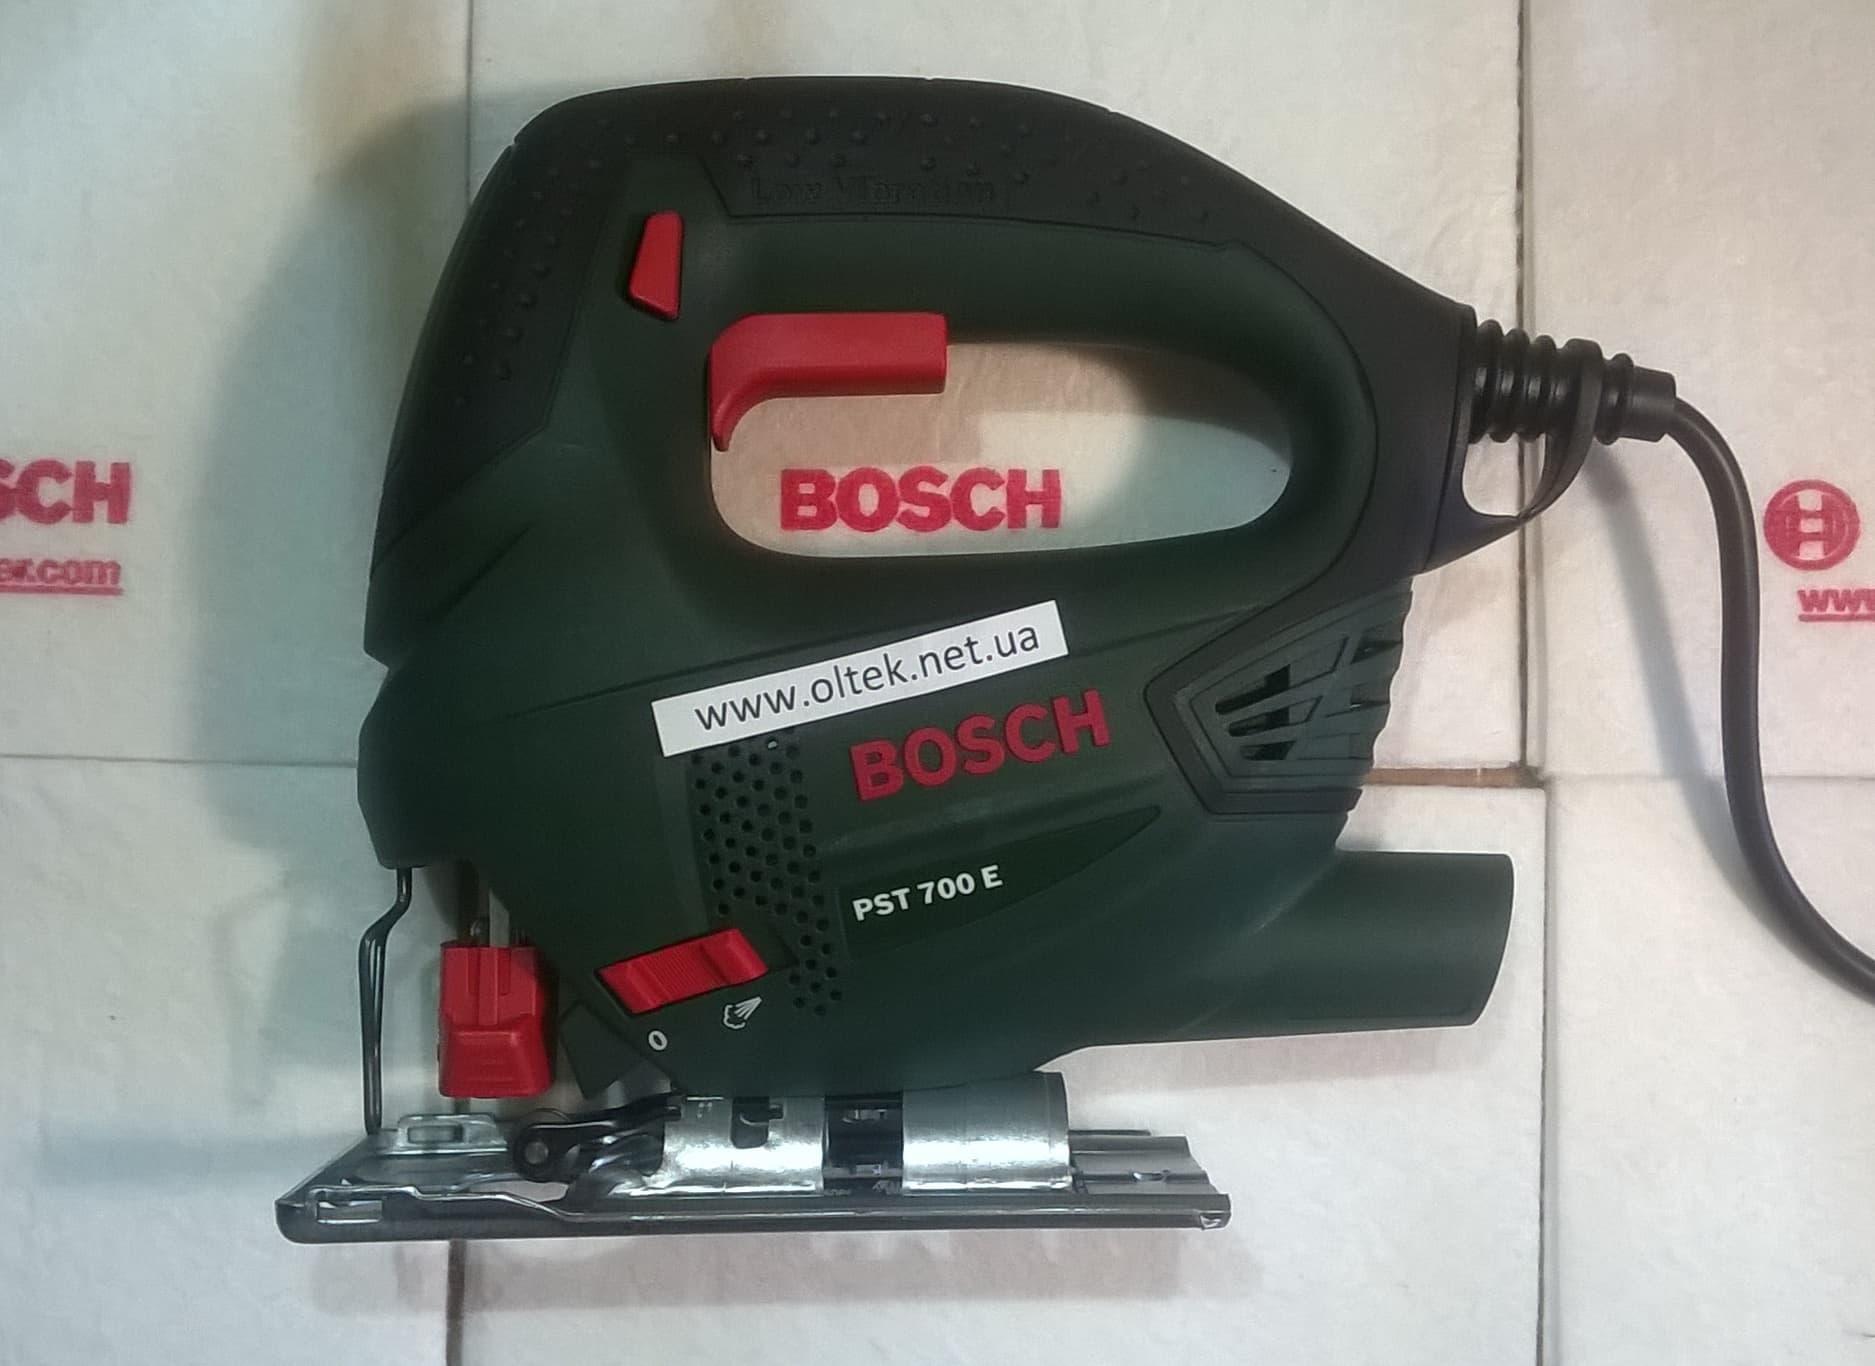 bosch-pst-700